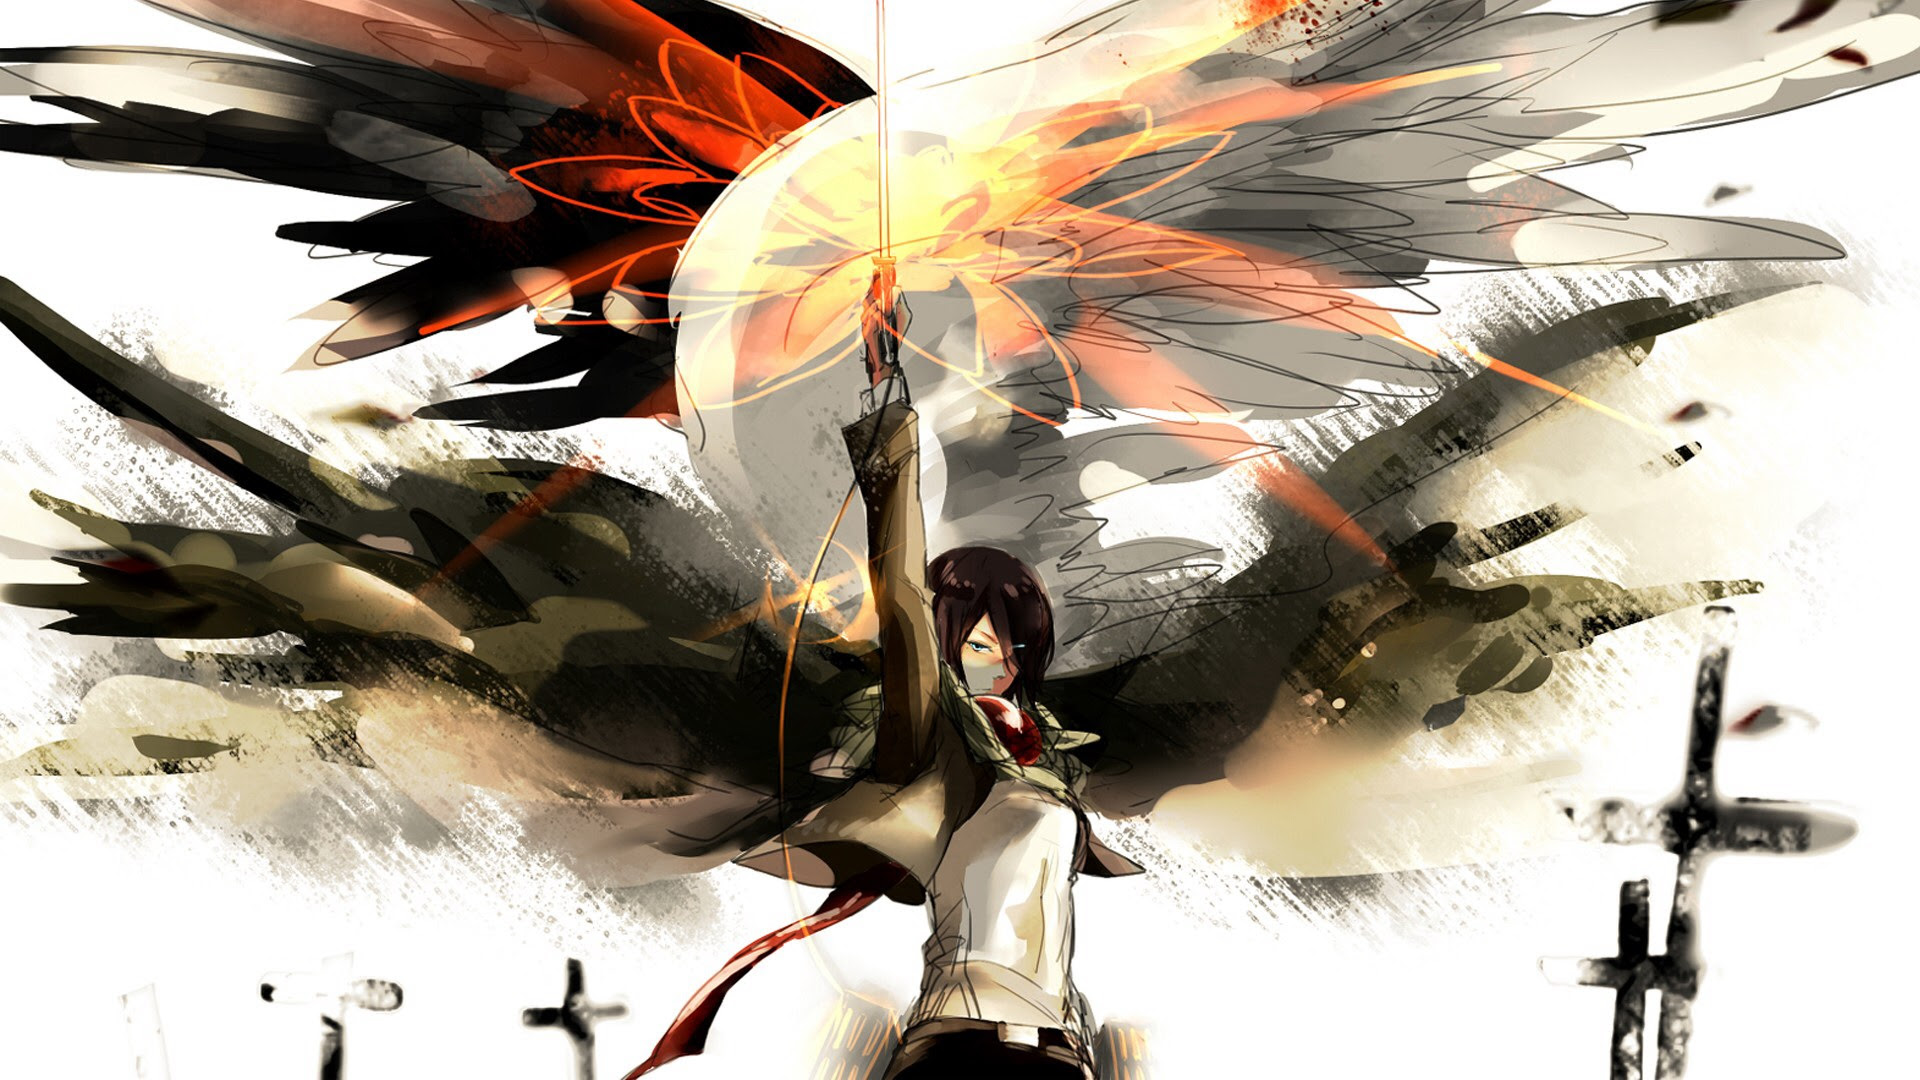 Shingeki No Kyojin Mikasa Titan Dowload Anime Wallpaper Hd